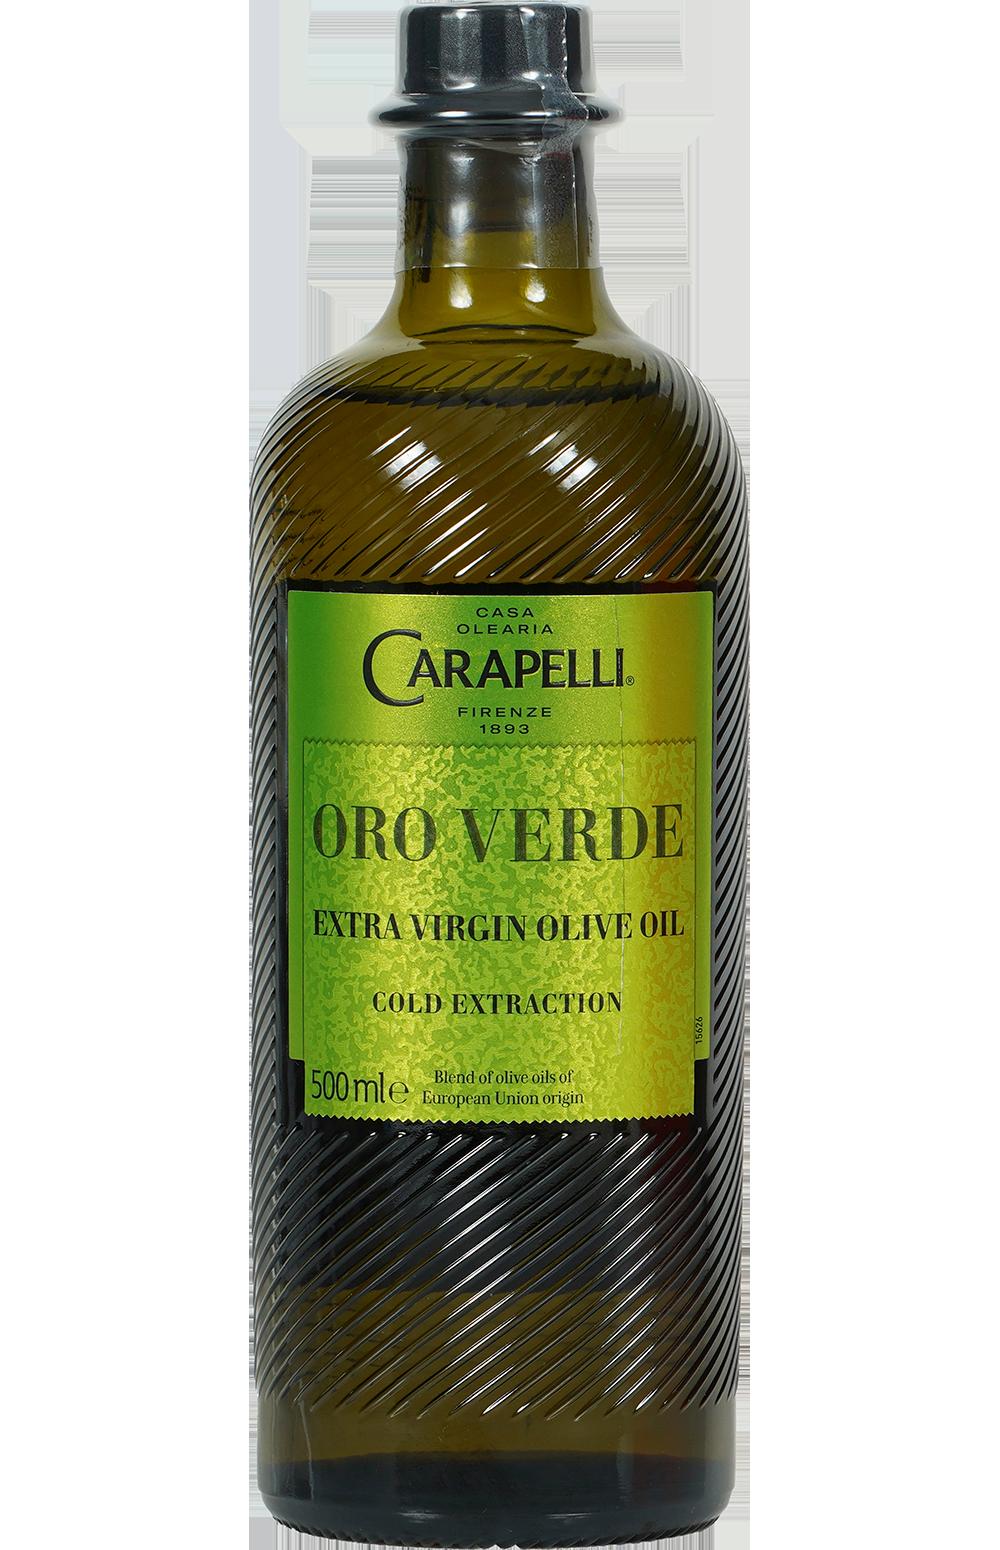 Carapelli Name SKU: Oro Verde